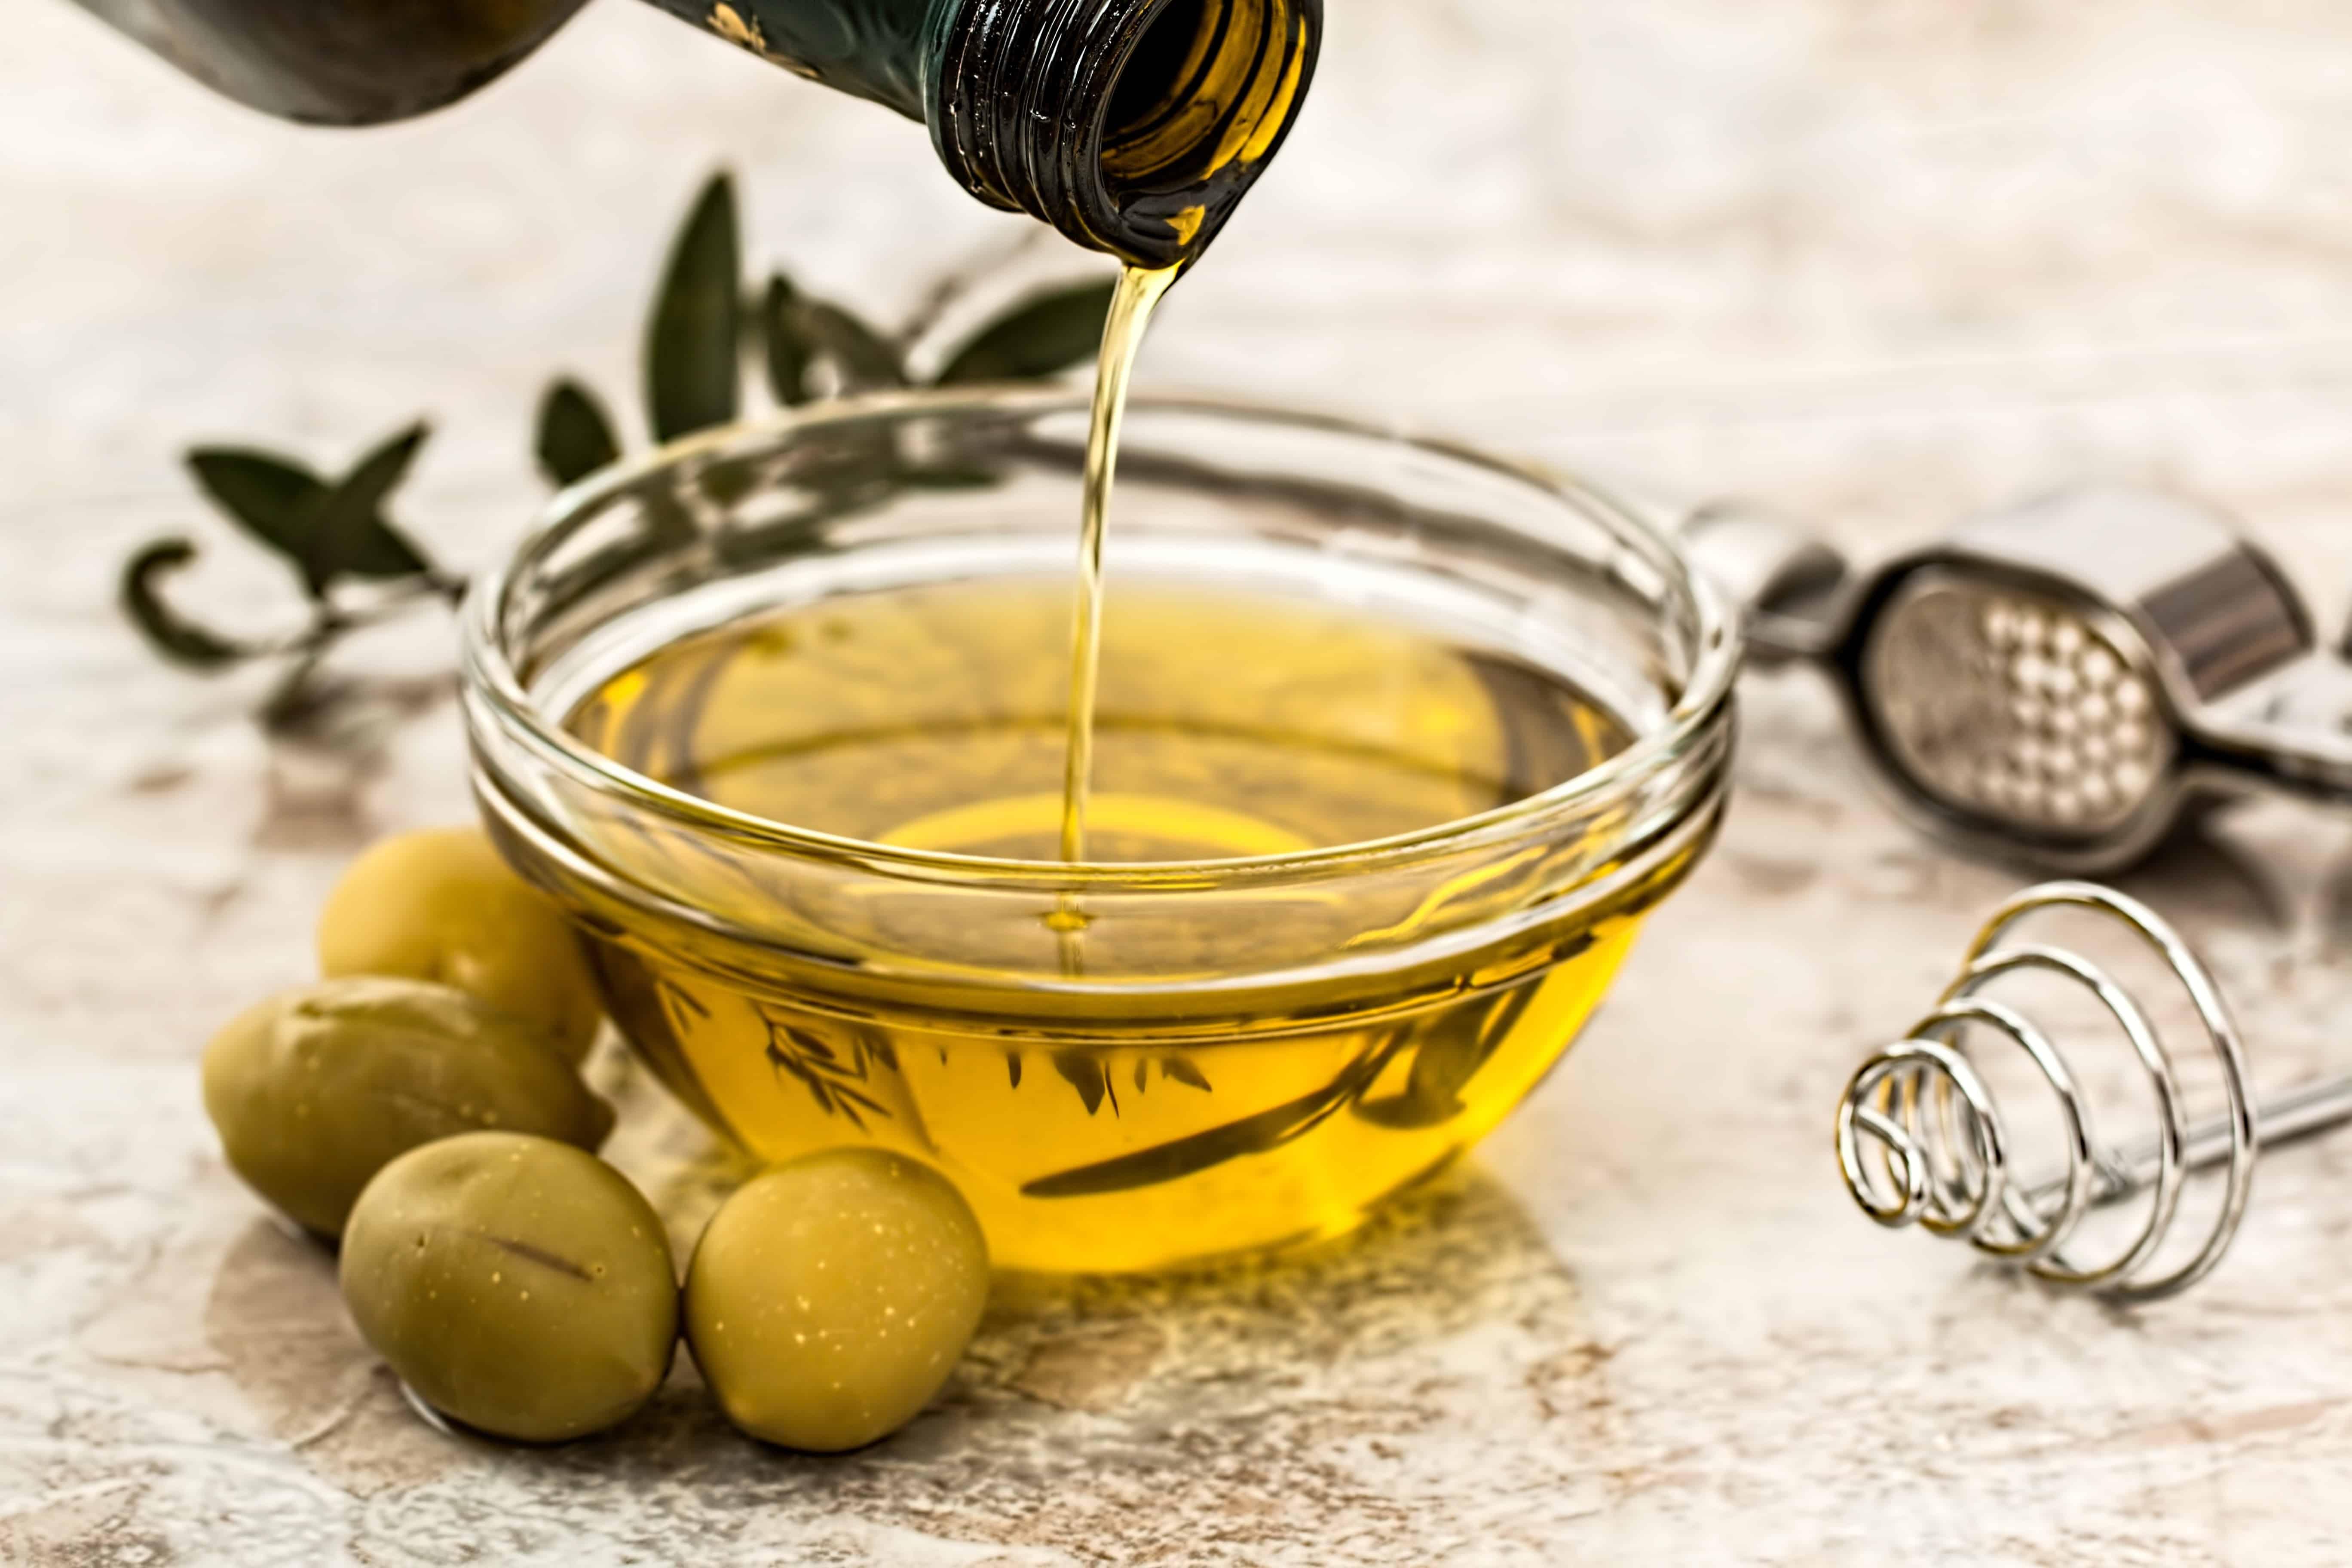 Schale in die Olivenöl gegossen wird